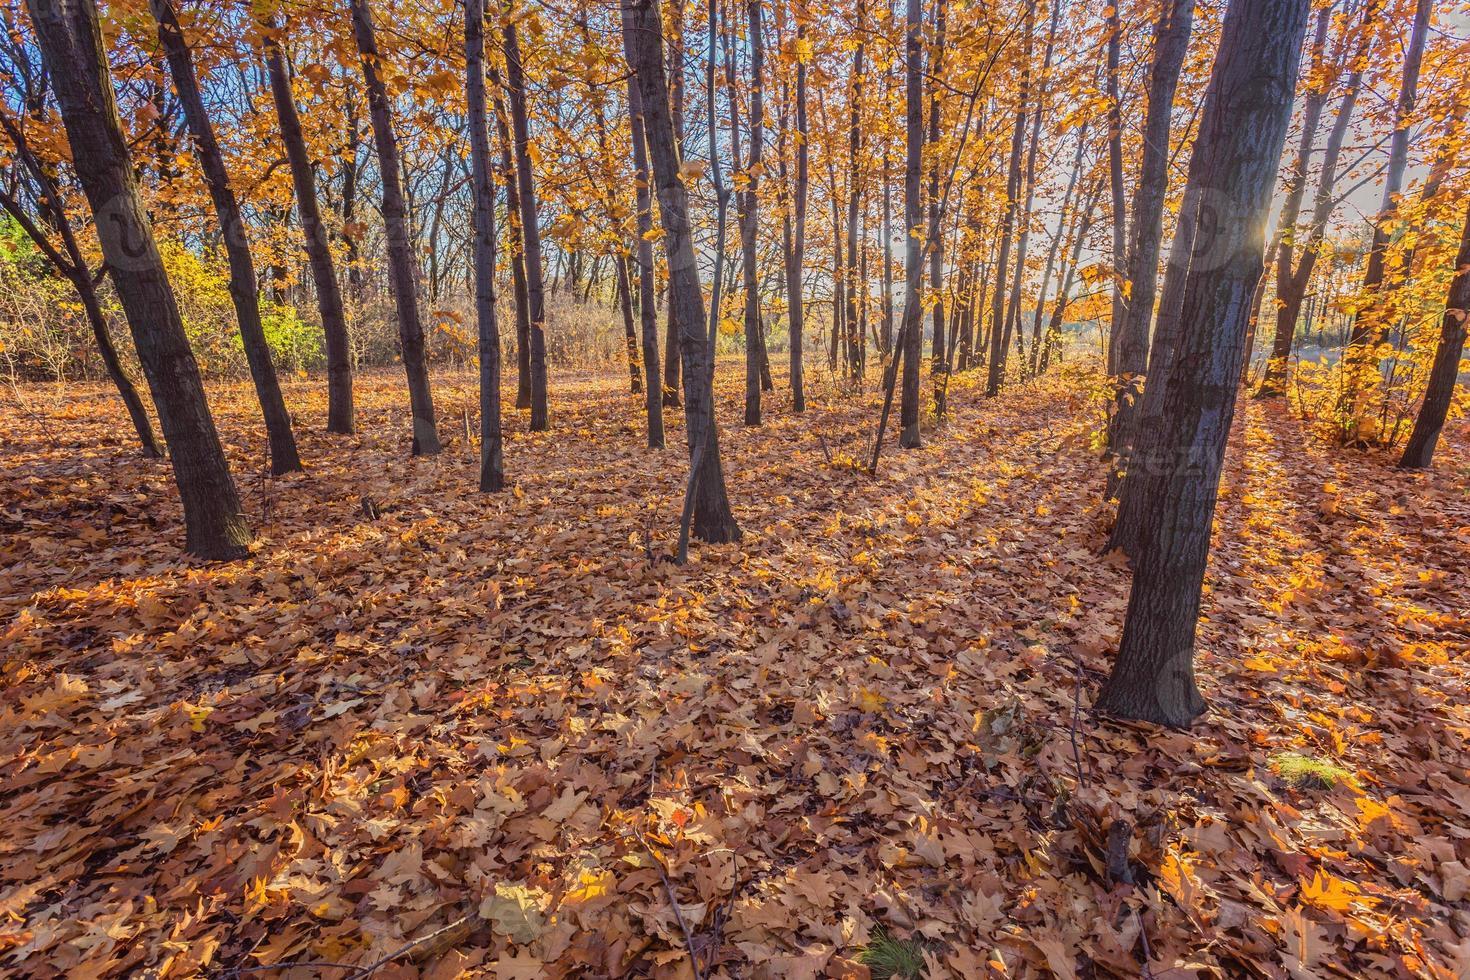 herfst park. herfst bomen en bladeren foto